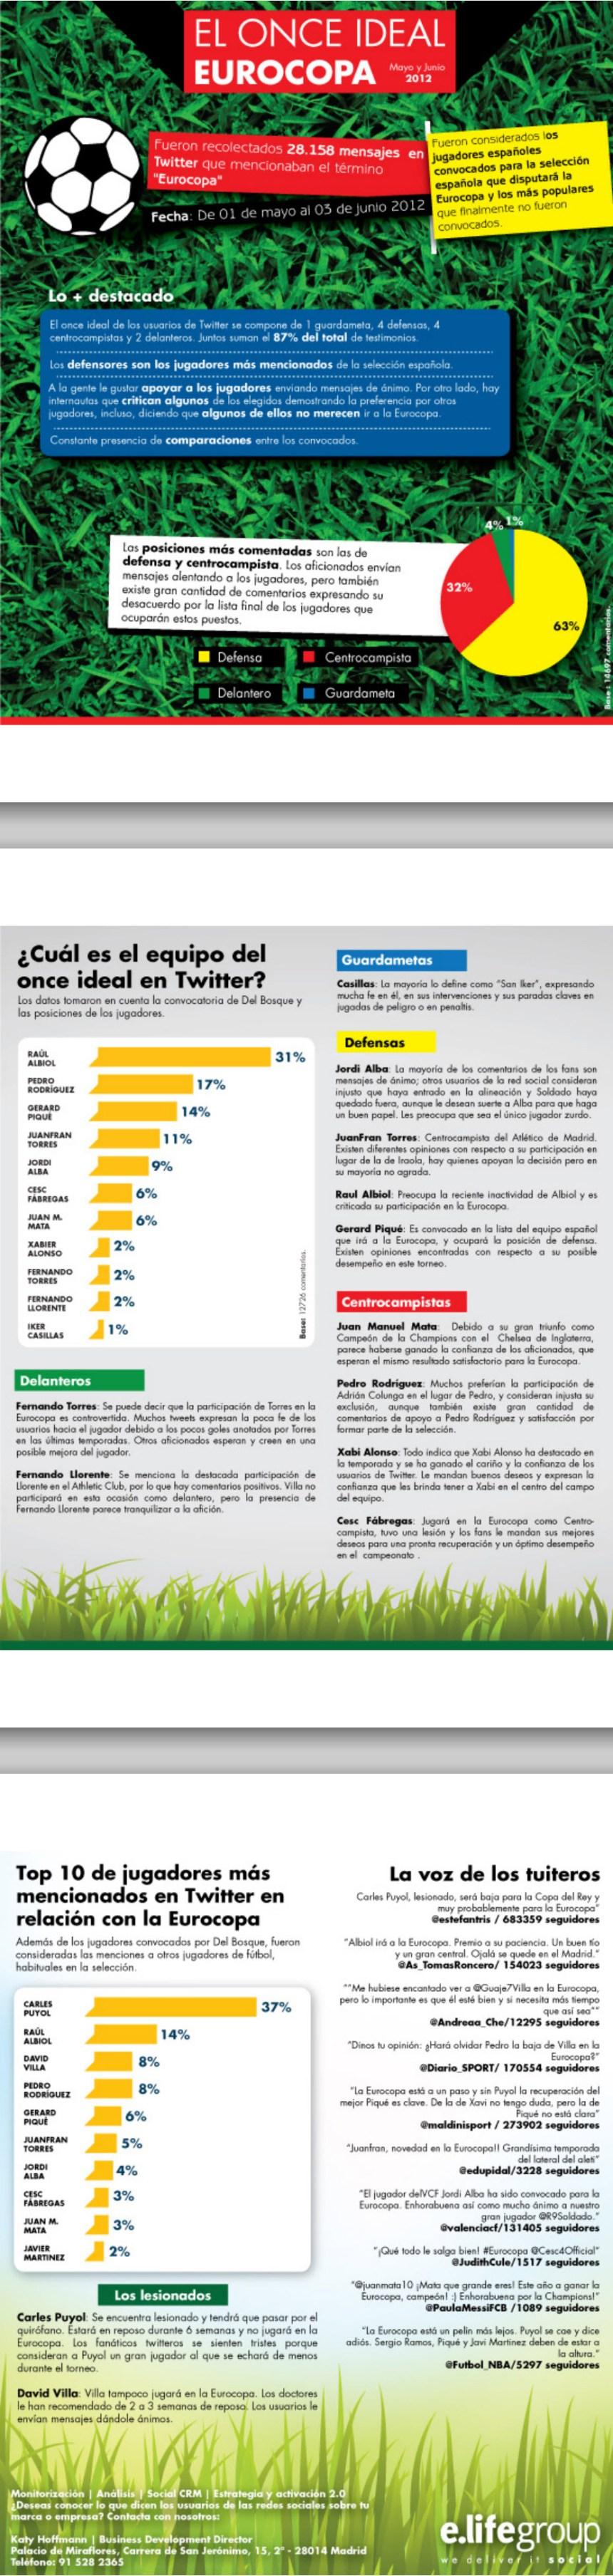 El 11 ideal de la seleccion española para la Eurocopa 2012 según Twitter